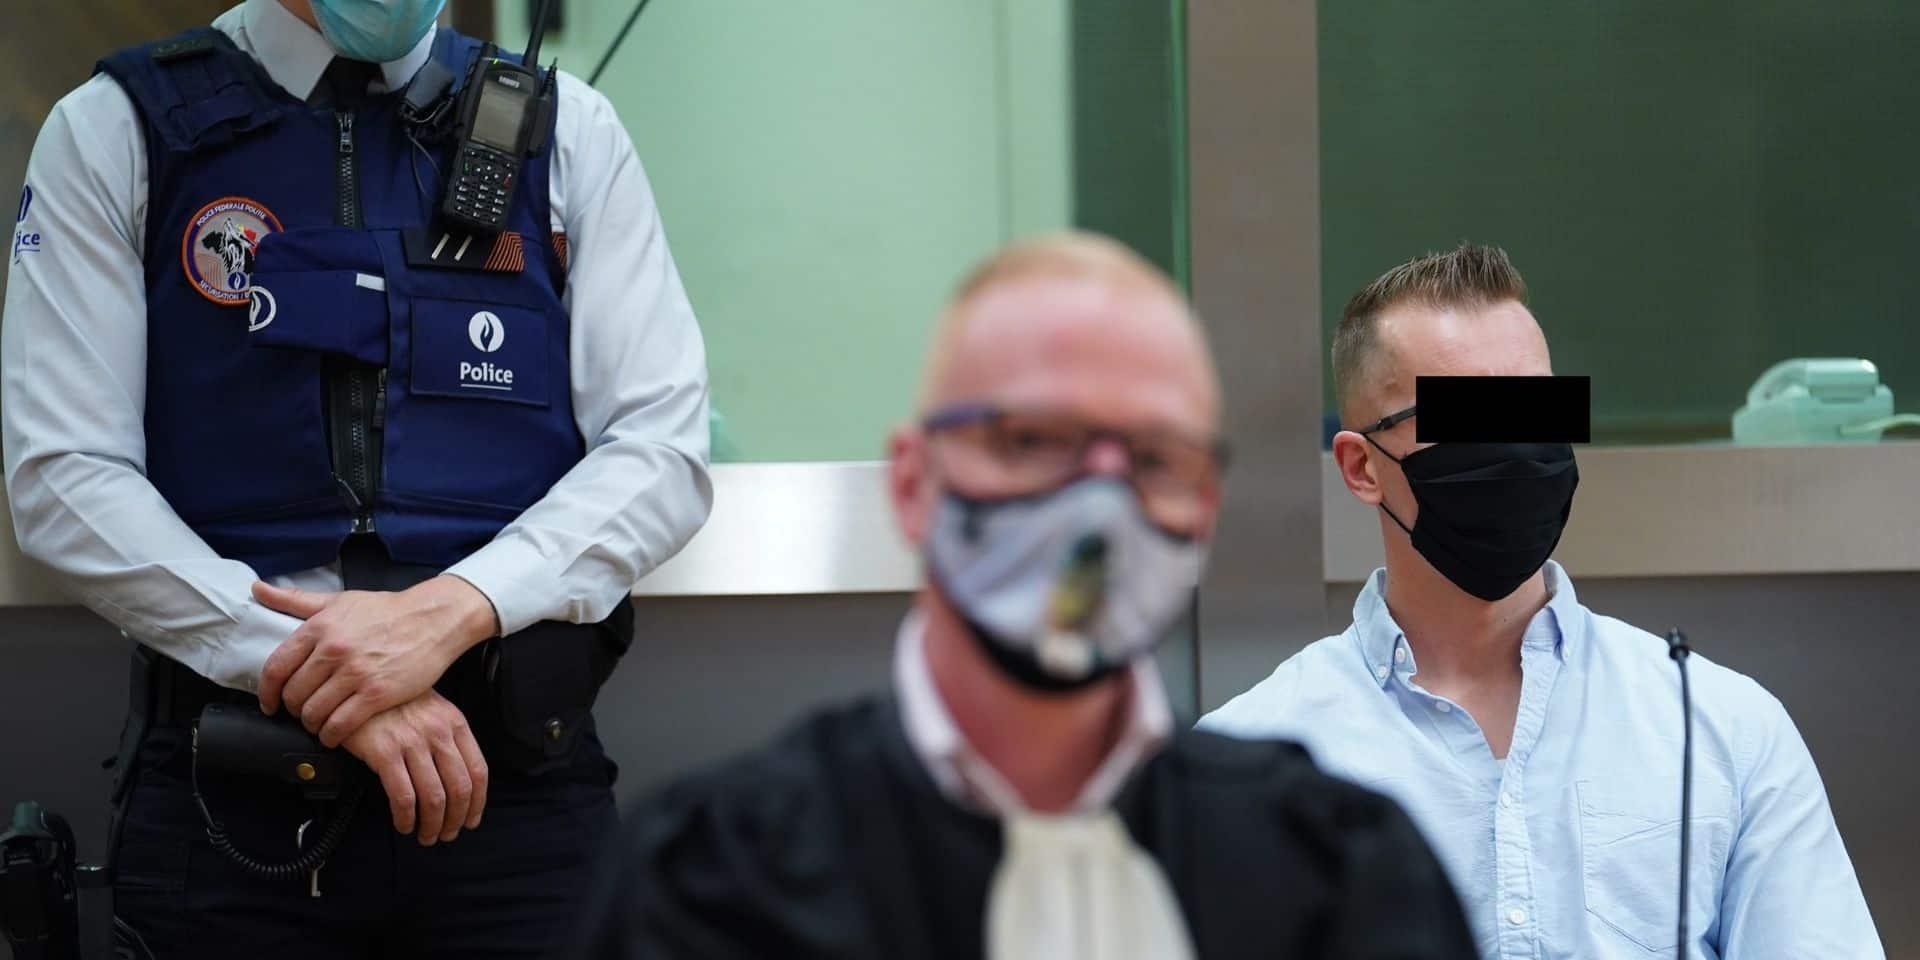 Assises Luxembourg : Jordan Deleuze ne donne pas d'explication sur les coups mortels